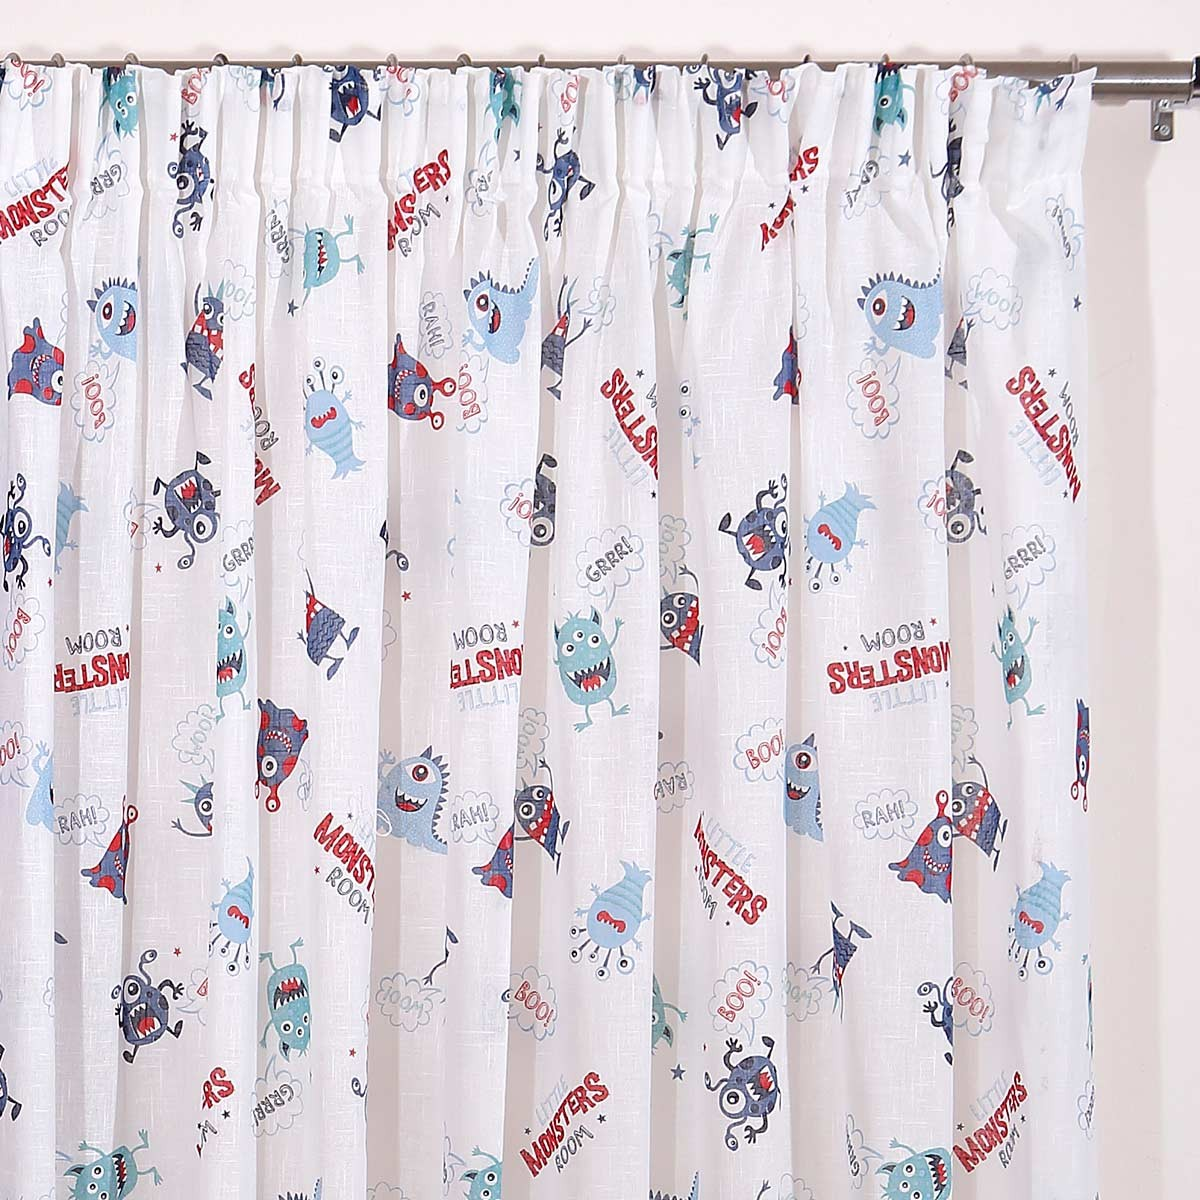 Παιδική Κουρτίνα (160x270) Viopros Curtains Γάζα Έλιοτ